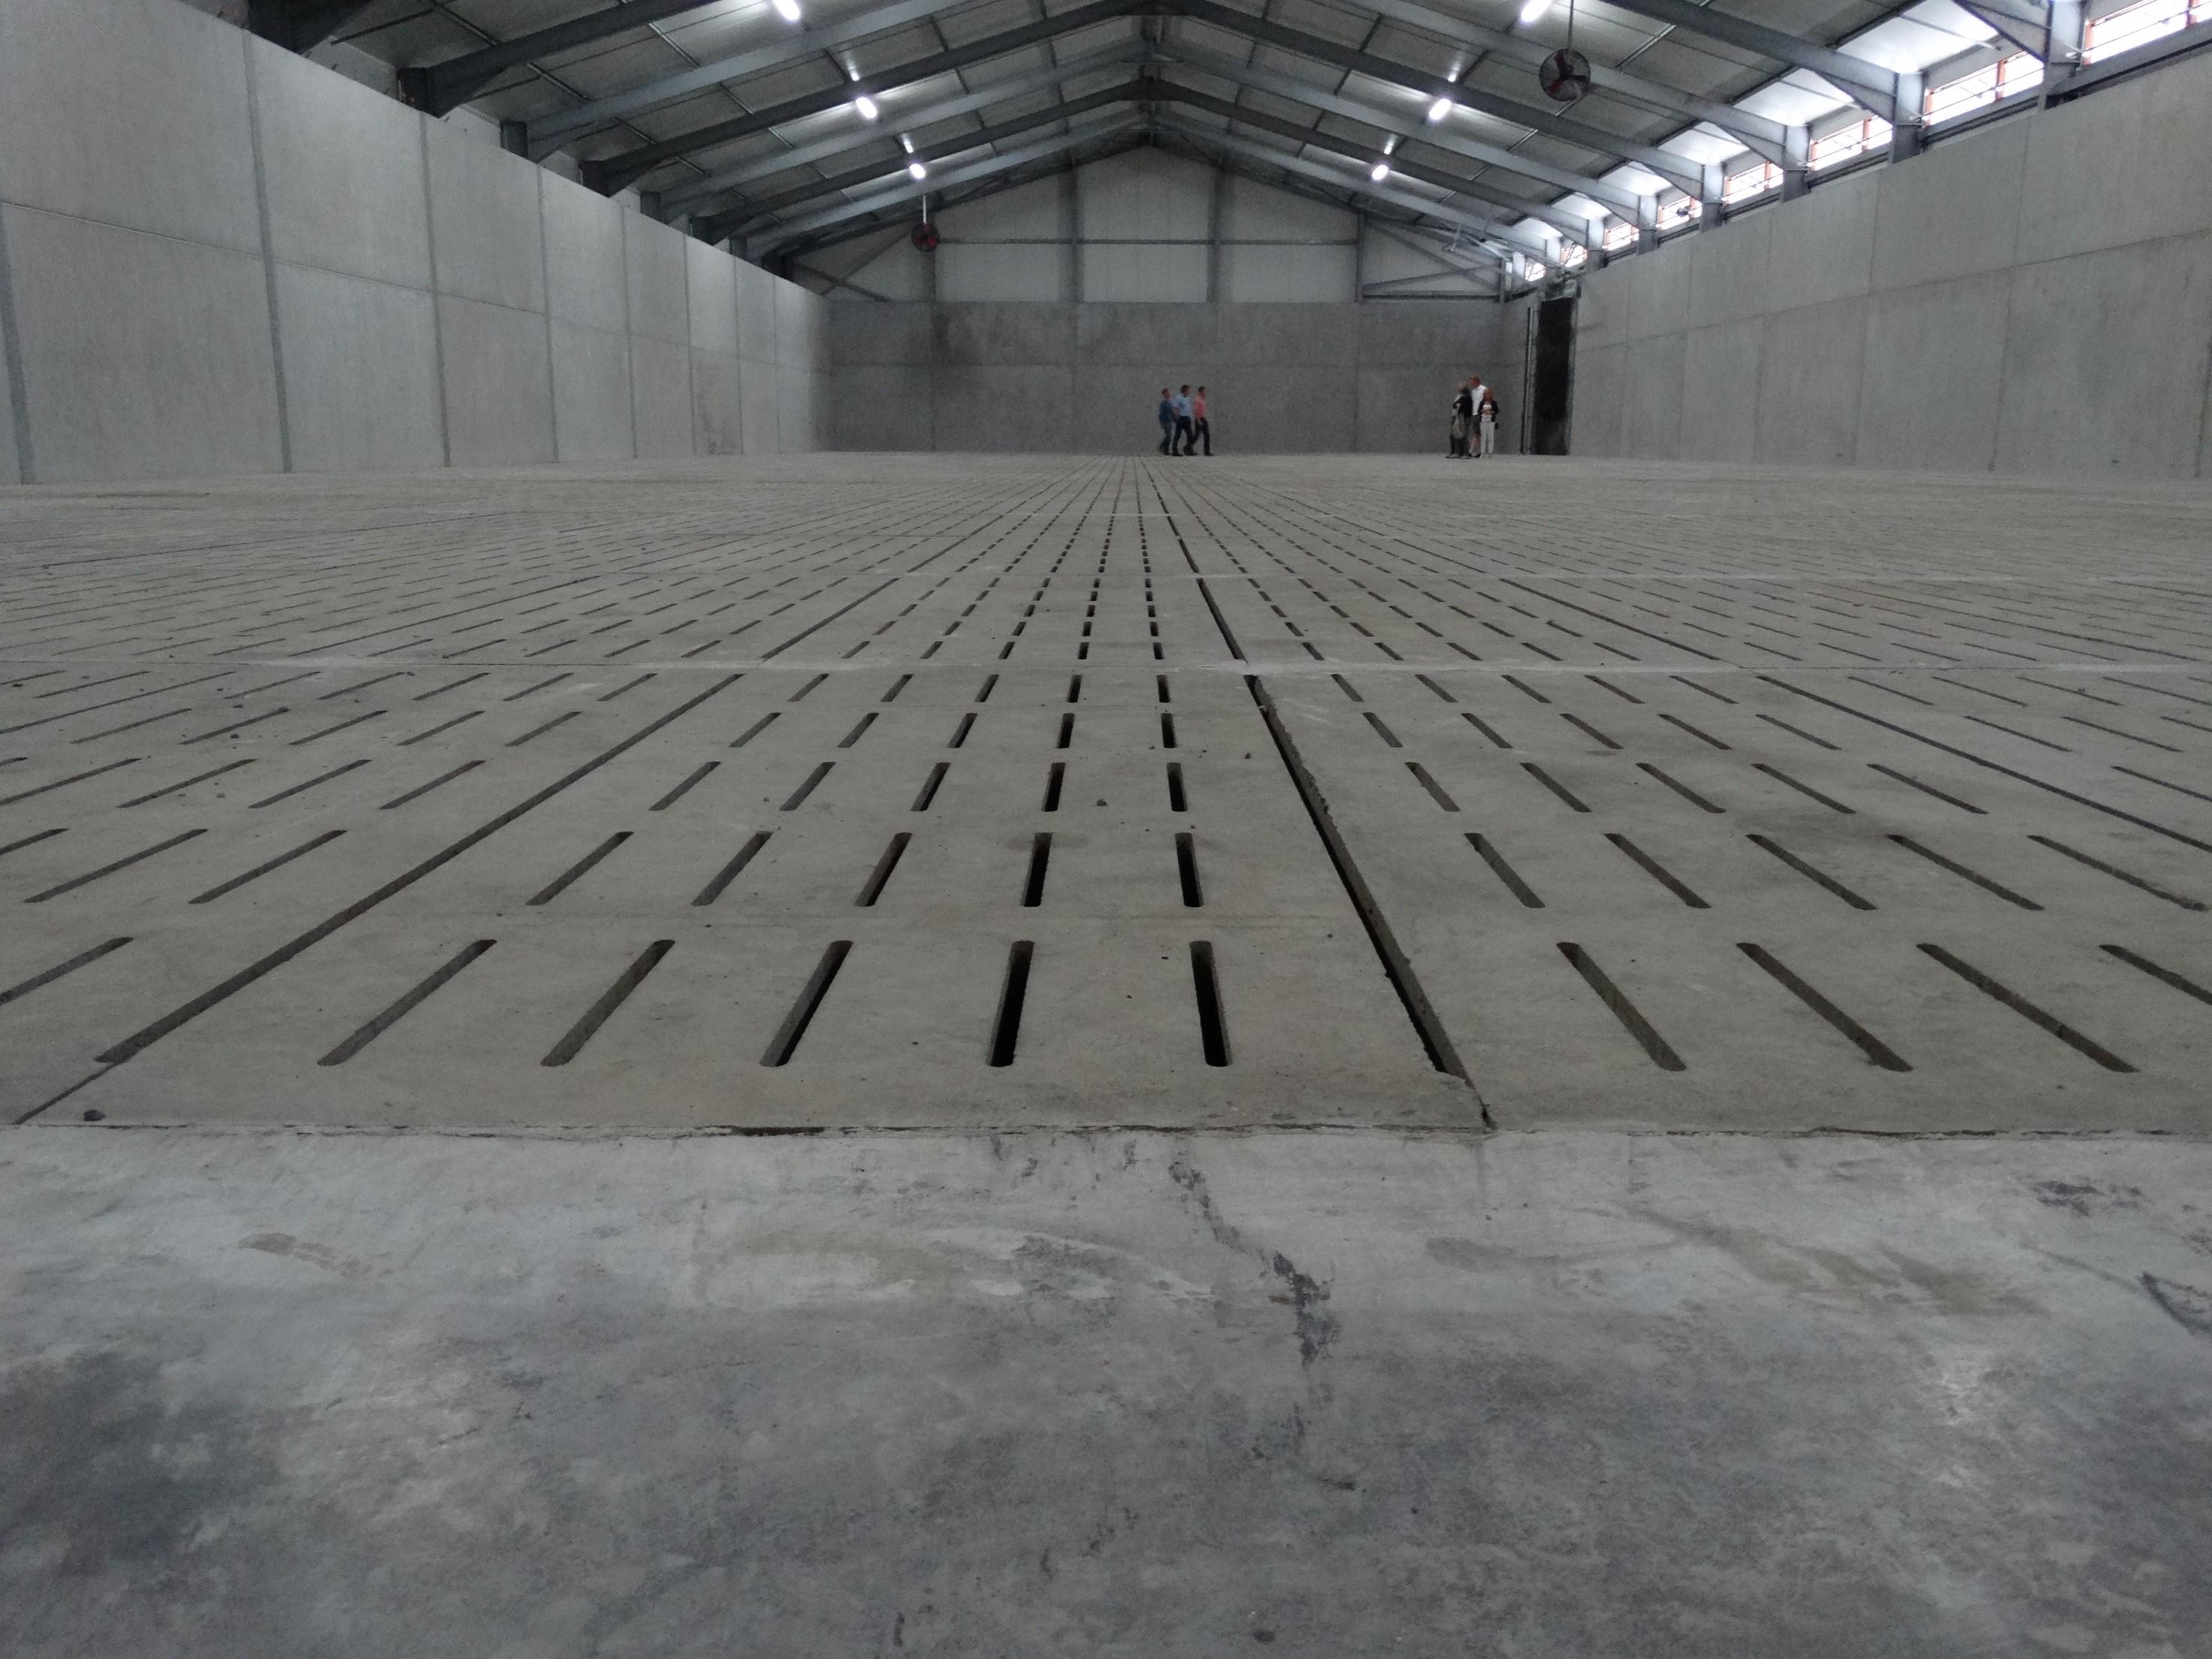 lefevre-Rosseignies-aardappelloods_hangar stockage pommes de terre (40)